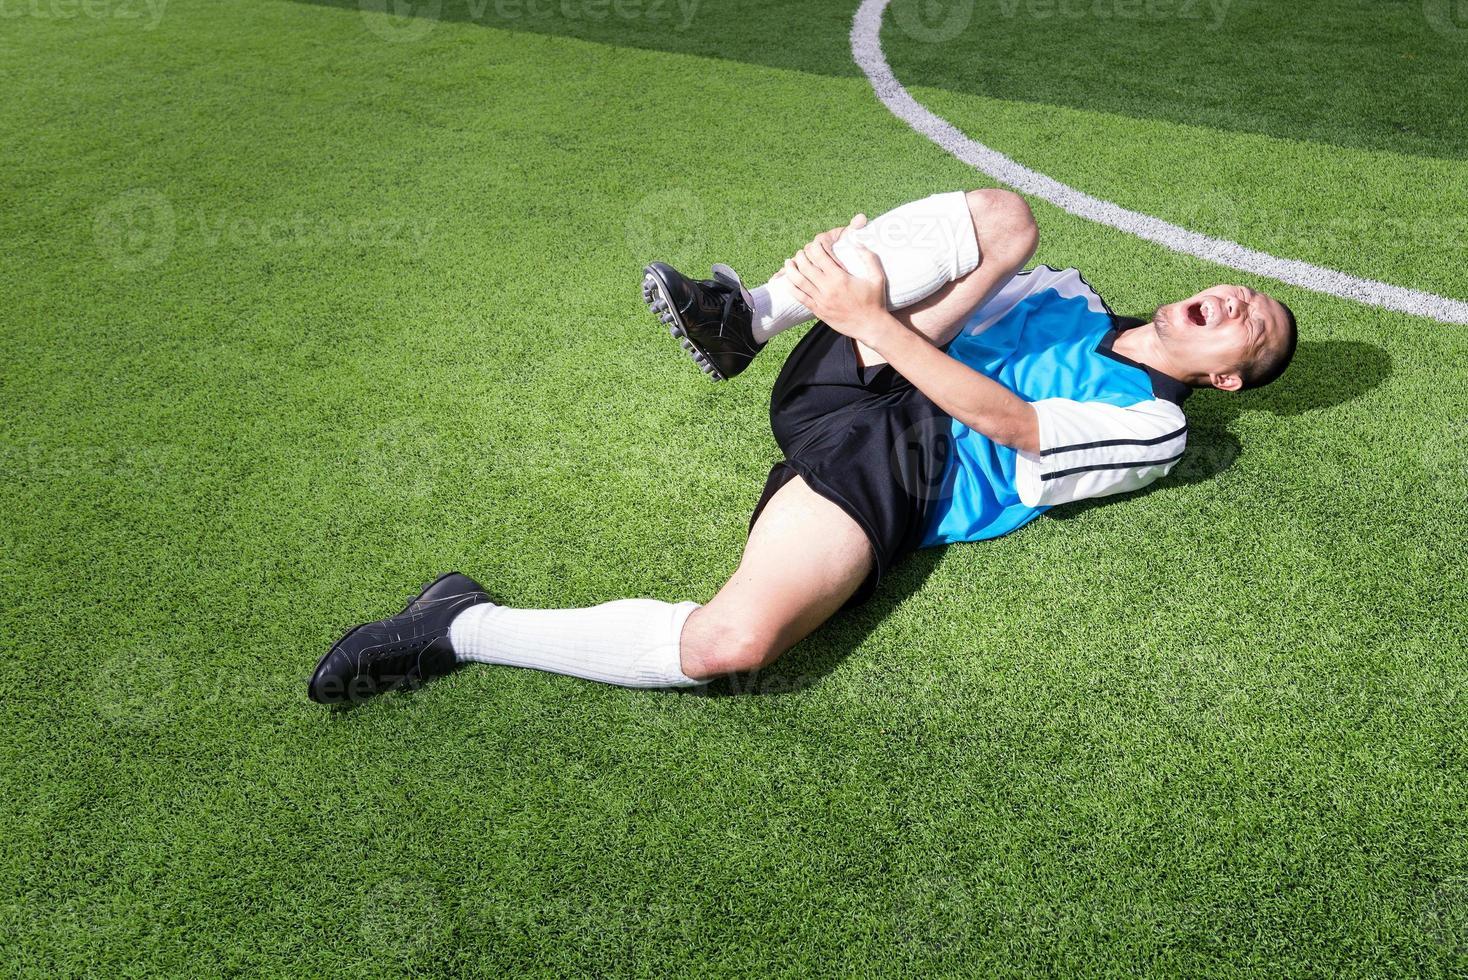 jogador de futebol tem acidente com lesão dolorosa na partida de futebol foto